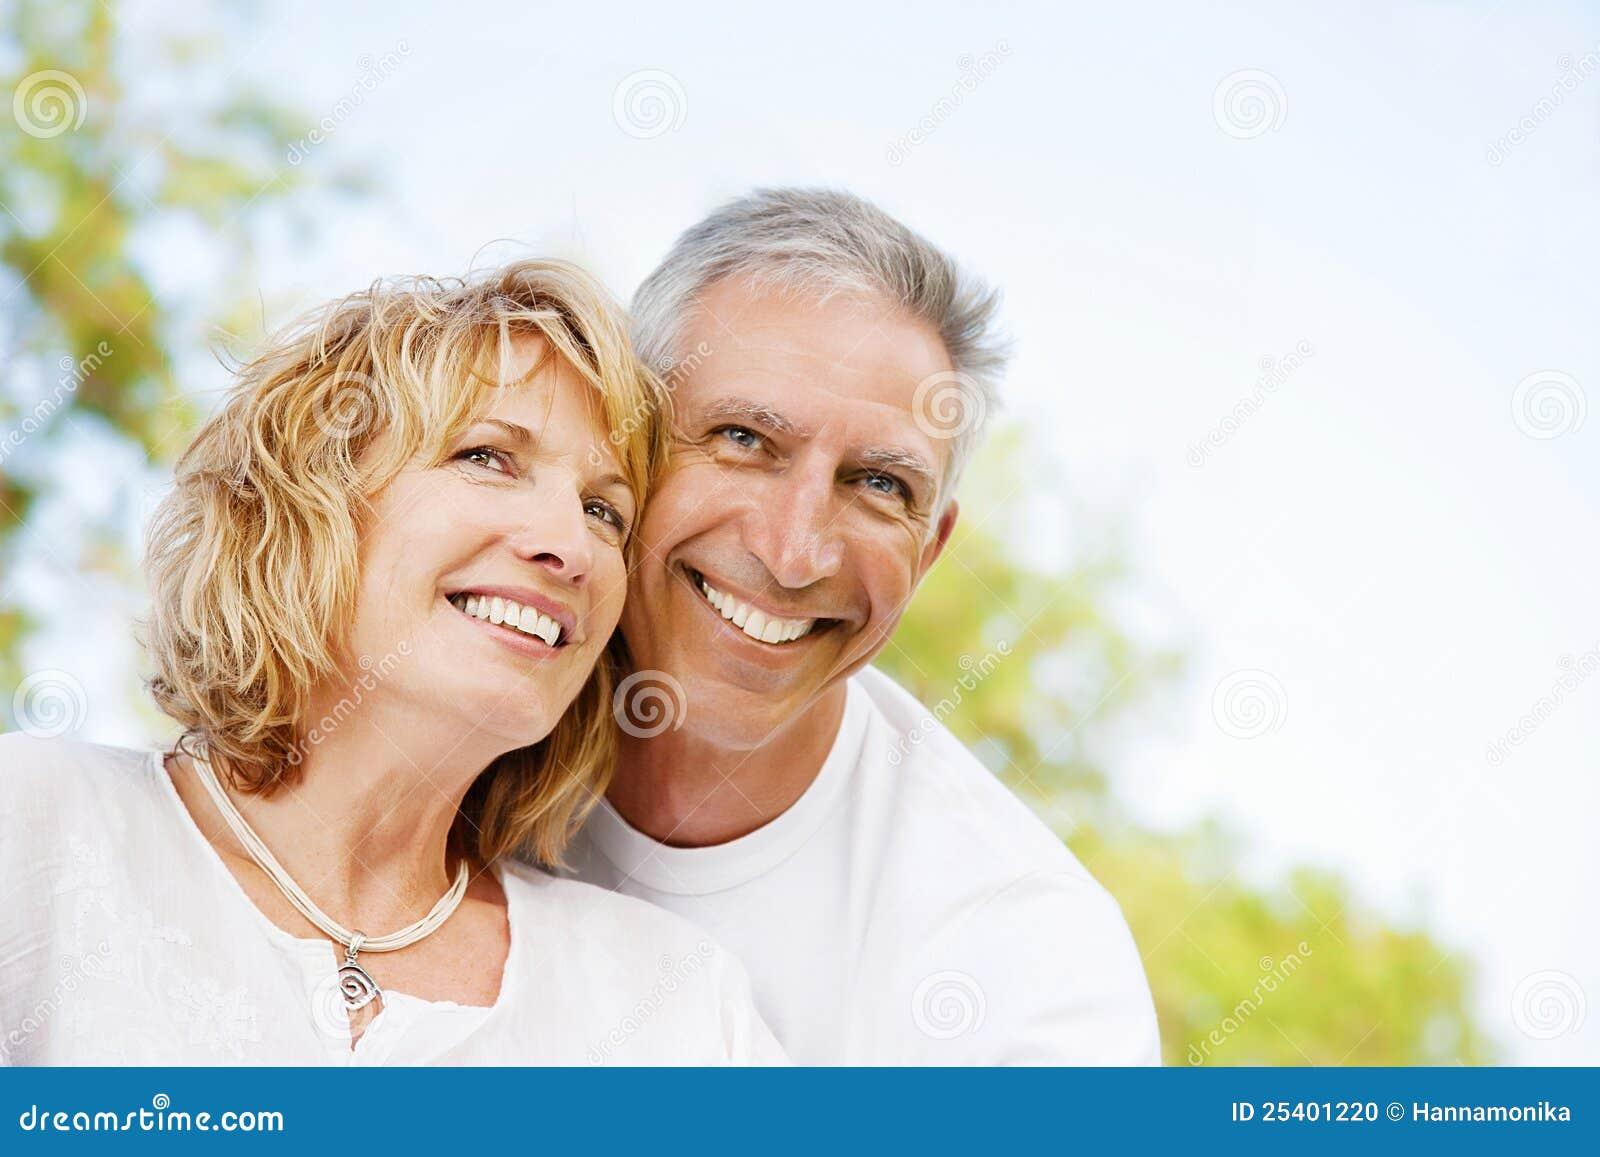 volwassen leeftijd online dating